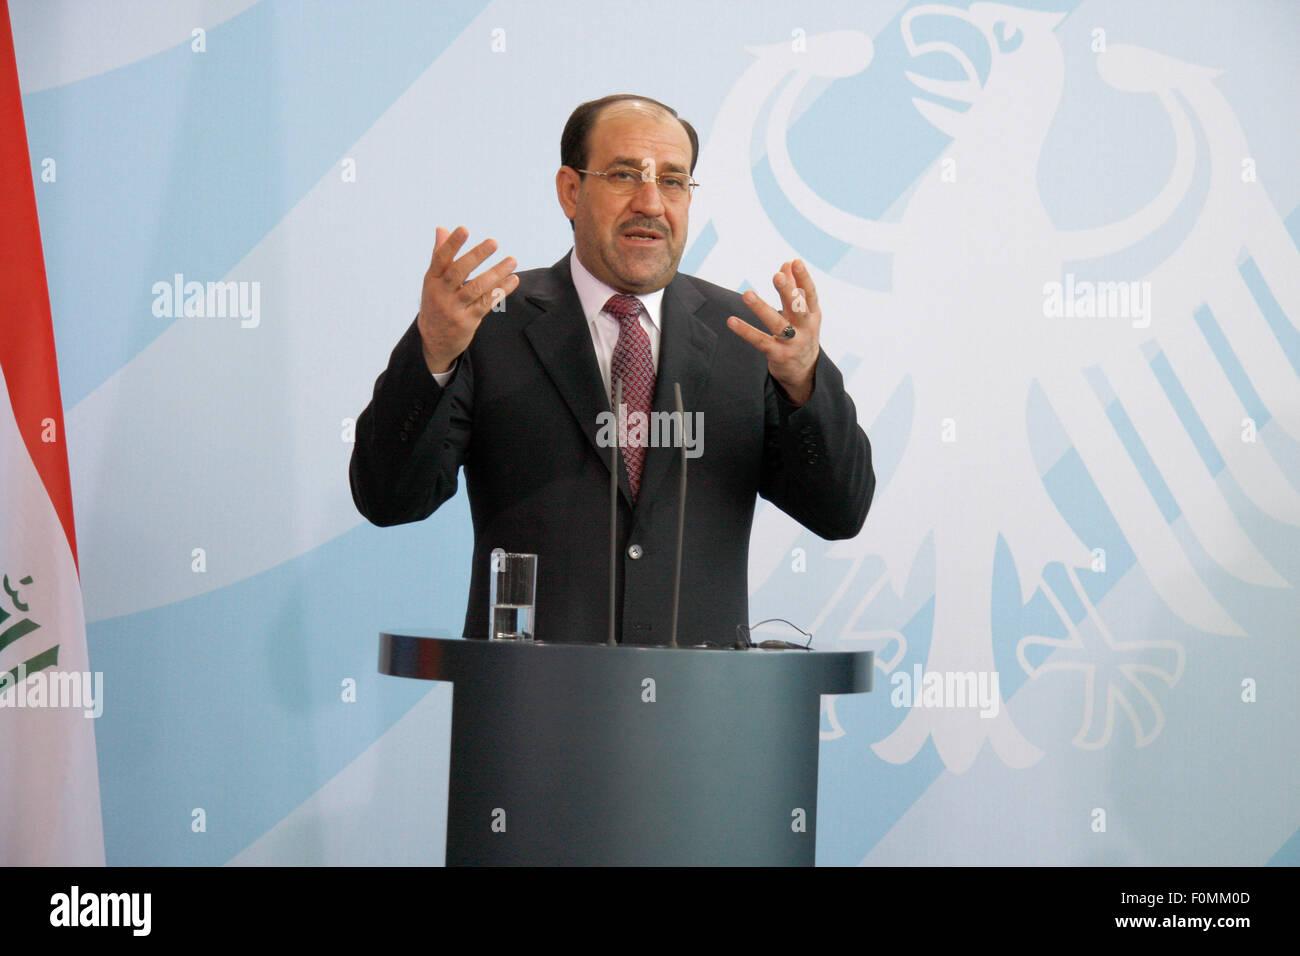 Nouri Al-Maliki  - Presseunterrichtung nach einem Treffen des irakischen Ministerpraesidenten mit der Bundeskanzlerin, - Stock Image